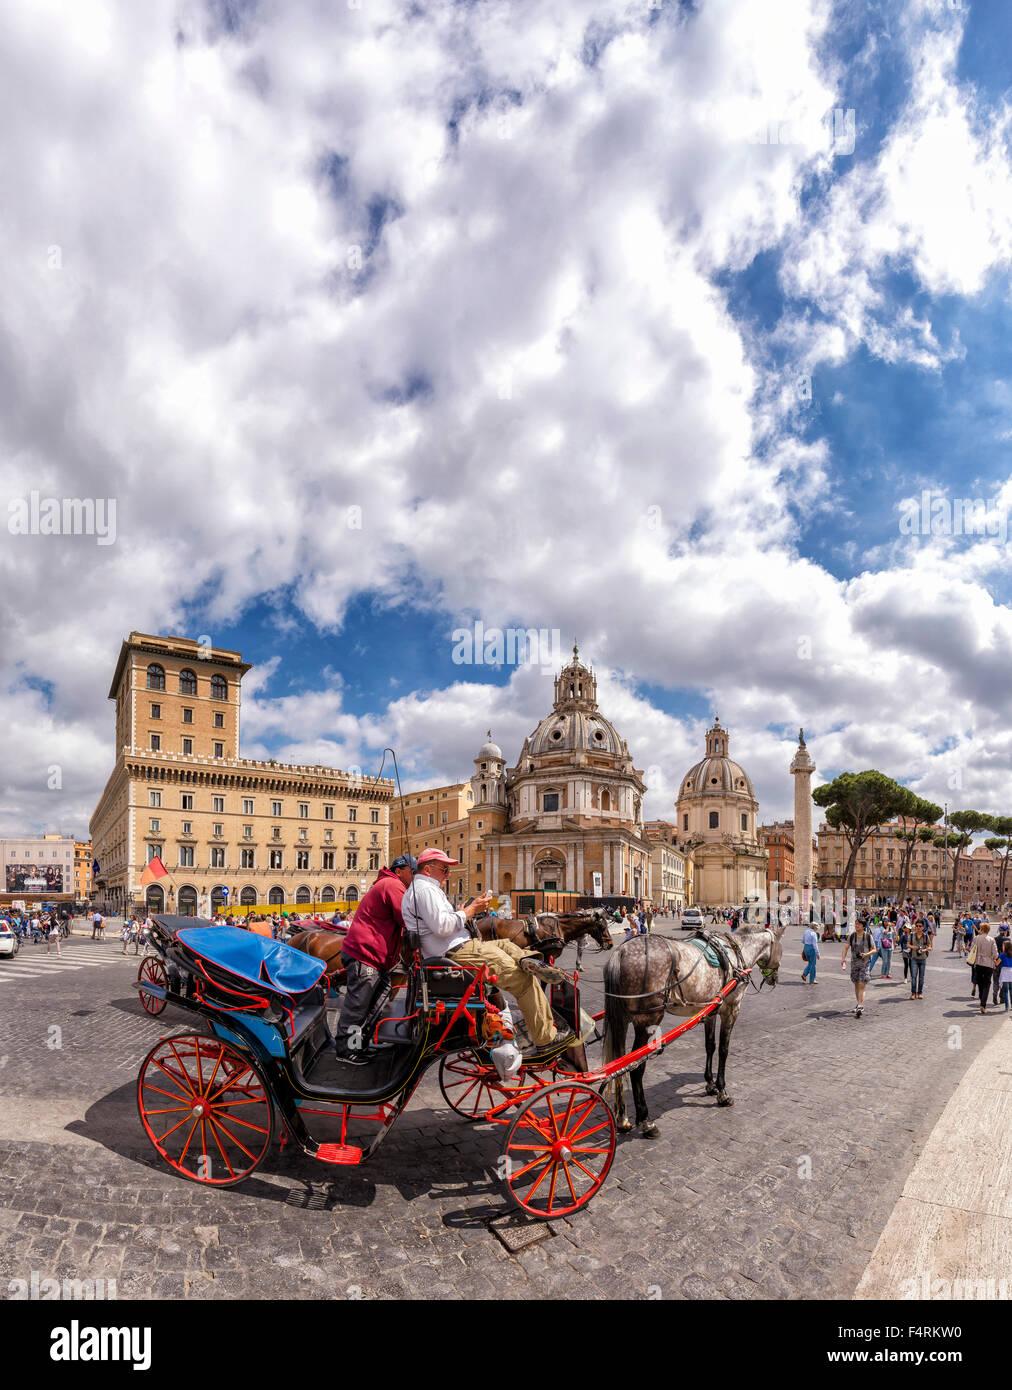 L'Italie, l'Europe, Lazio, Rome, Roma, ville, village, printemps, personnes, cheval, transport, Piazza della Photo Stock